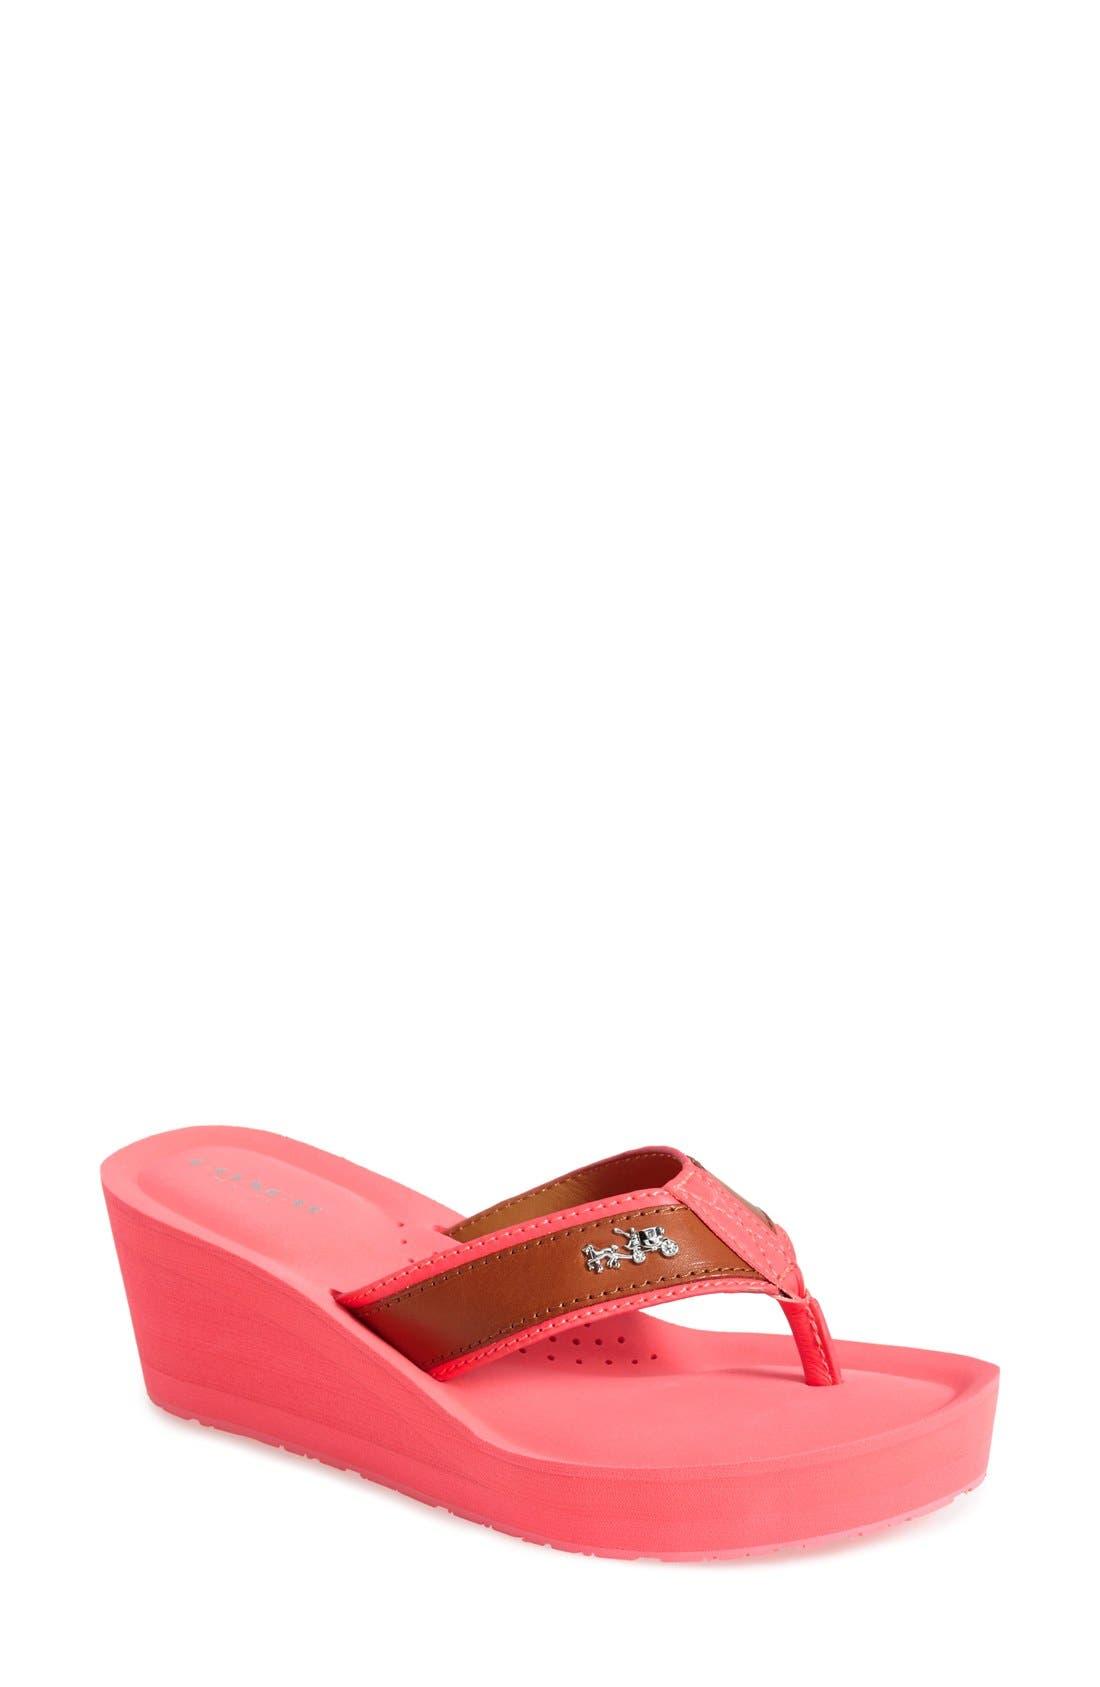 COACH 'Jolene' Wedge Thong Sandal